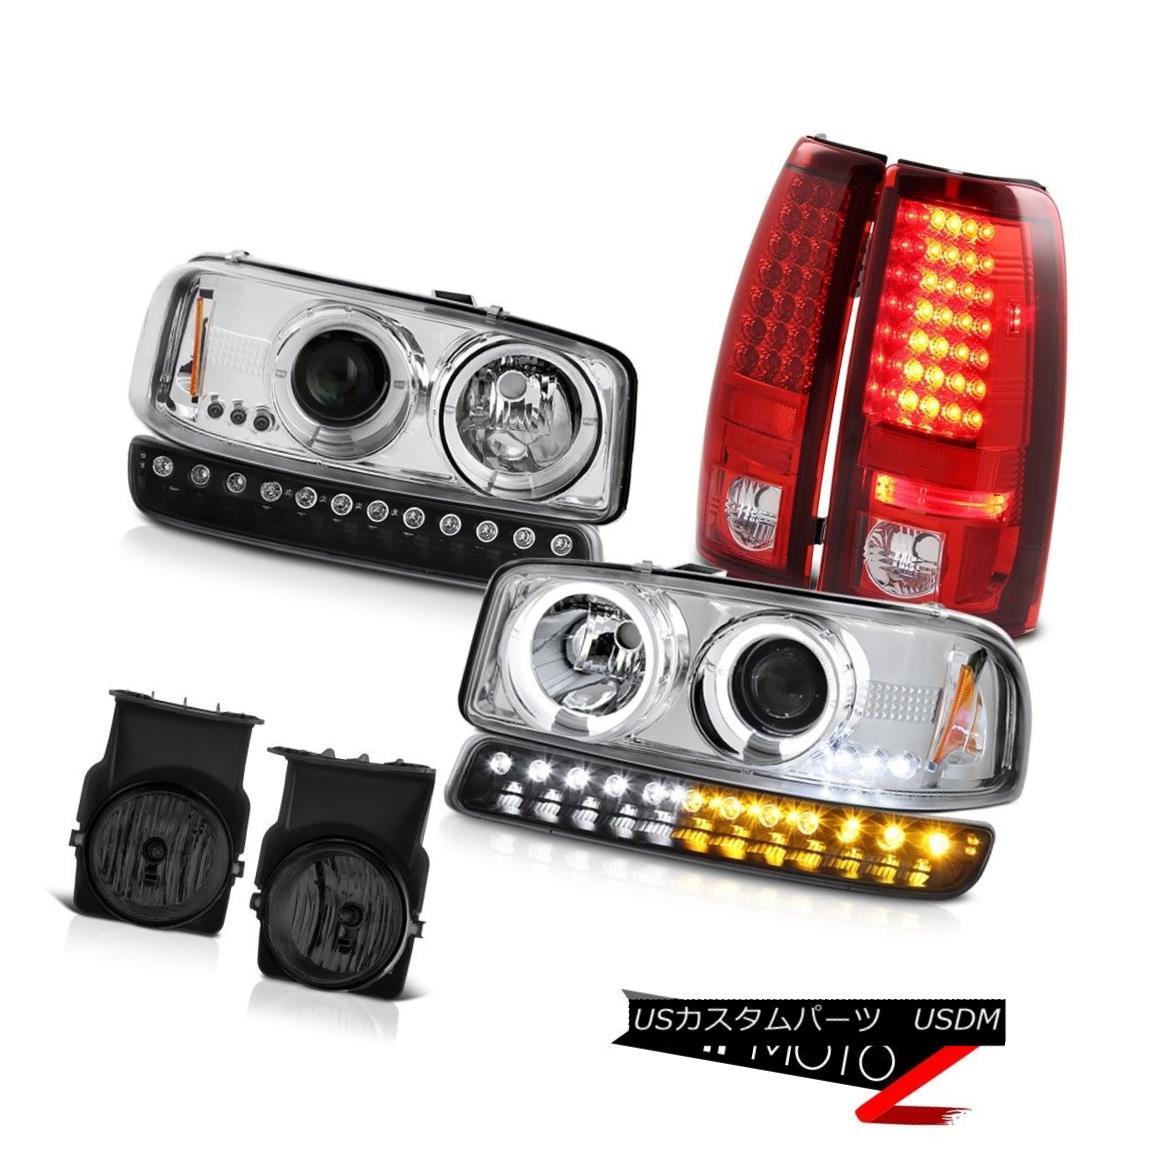 テールライト 2003-2006 Sierra SL Fog lamps bloody red rear smd brake bumper lamp Headlights 2003-2006シエラSLフォグランプピュアレッドリバースsmdブレーキバンパーランプヘッドライト